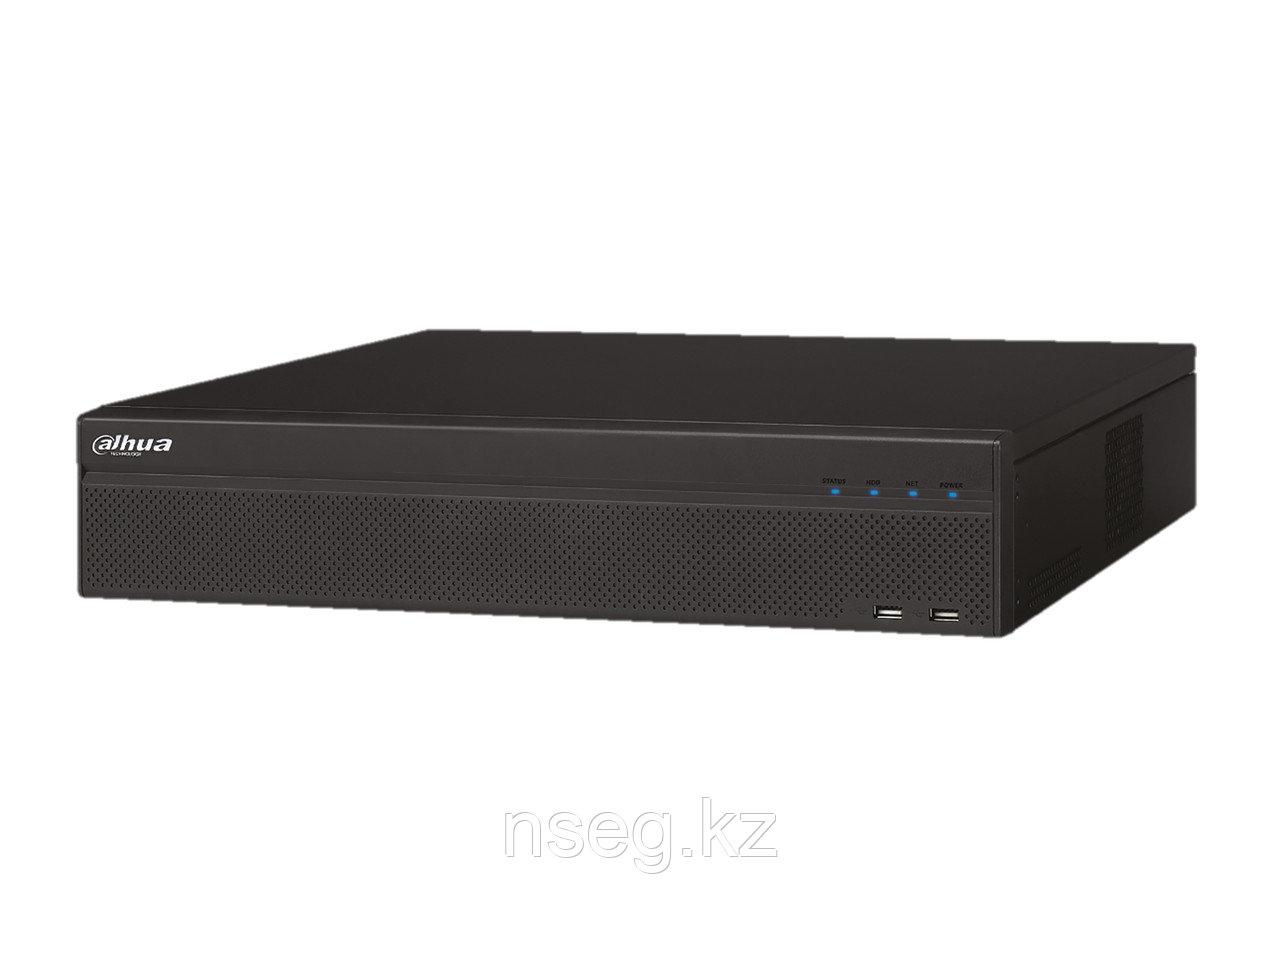 16 канальный видеорегистратор Dahua NVR5816-4KS2